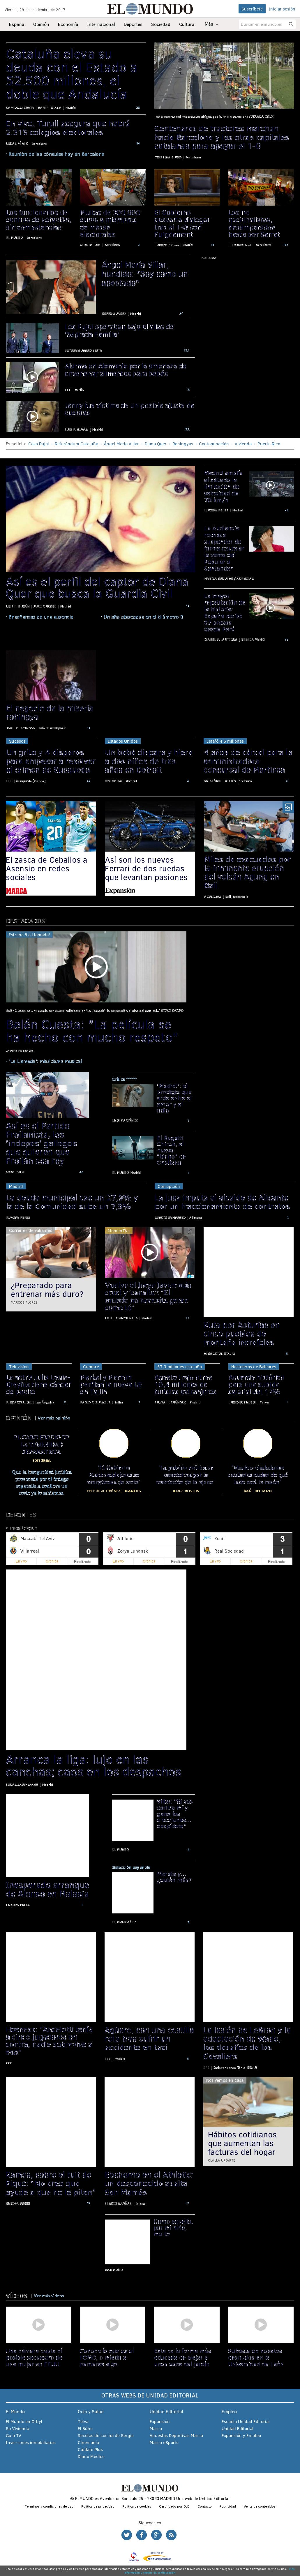 El Mundo at Friday Sept. 29, 2017, 11:10 a.m. UTC